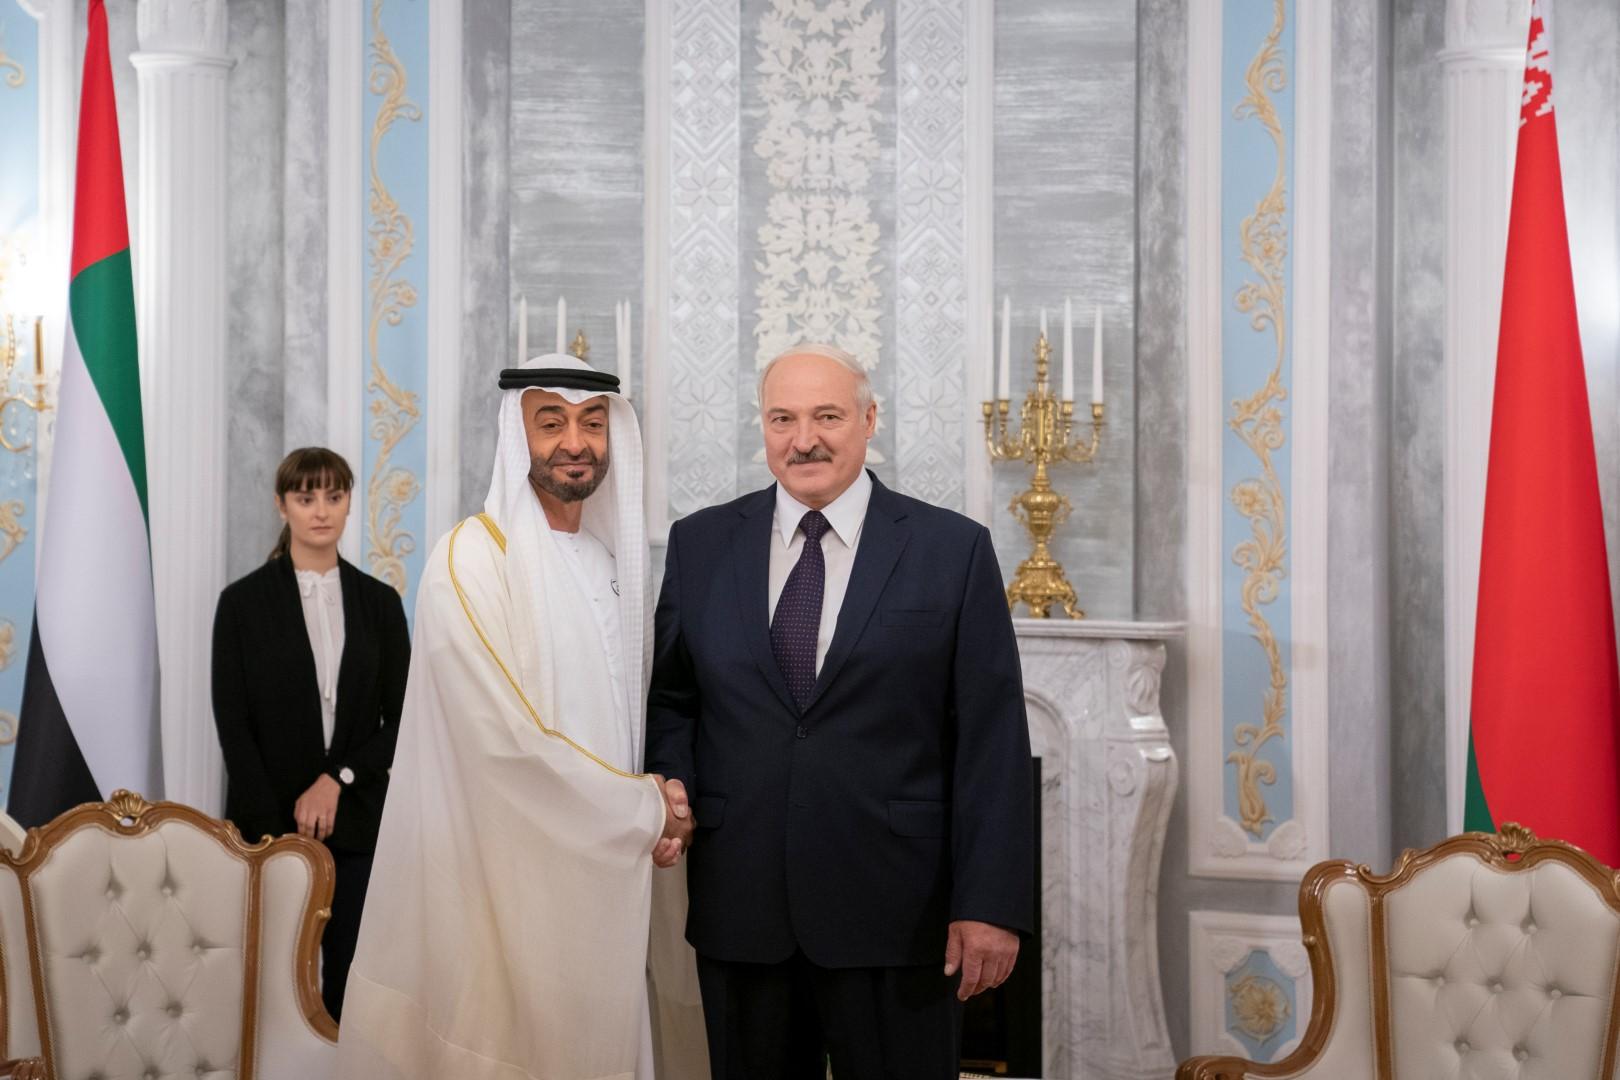 محمد بن زايد يعقد جلسة محادثات مع رئيس بيلاروسيا